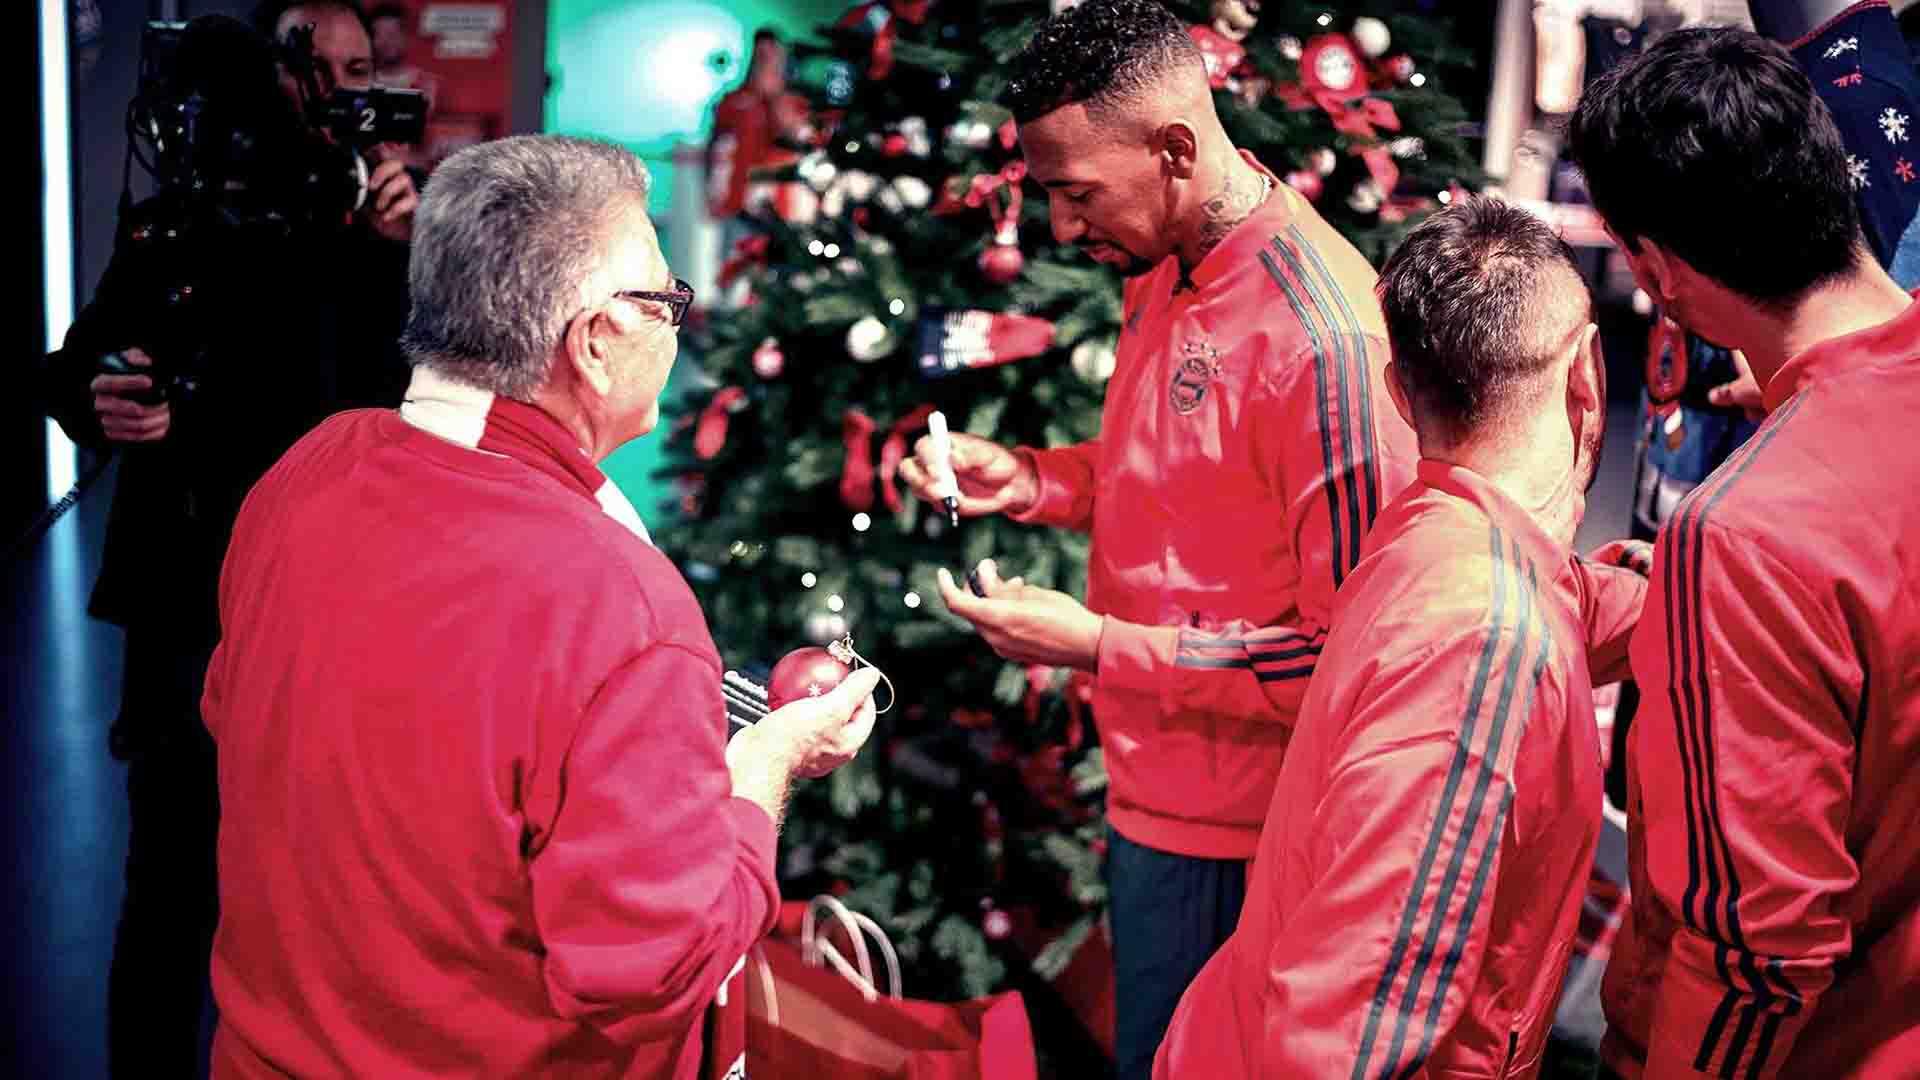 Das Bild zeigt vier Männer die vor einem Tannenbaum stehen. In der Mitte steht der FCB Star Jérôme Boateng. Er hält eine Christbaumkugel in der Hand und unterschreibt diese. Neben ihm auf der linken Seite steht ein Mann, der einen roten Pullover trägt. Rechts von ihm stehen zwei weitere Stars des FC Bayern Münchens. Das Bild dient als Sliderbild für den Portfolioeintrag Audi | FC Bayern München Ehrenrunde von Panda Pictures.